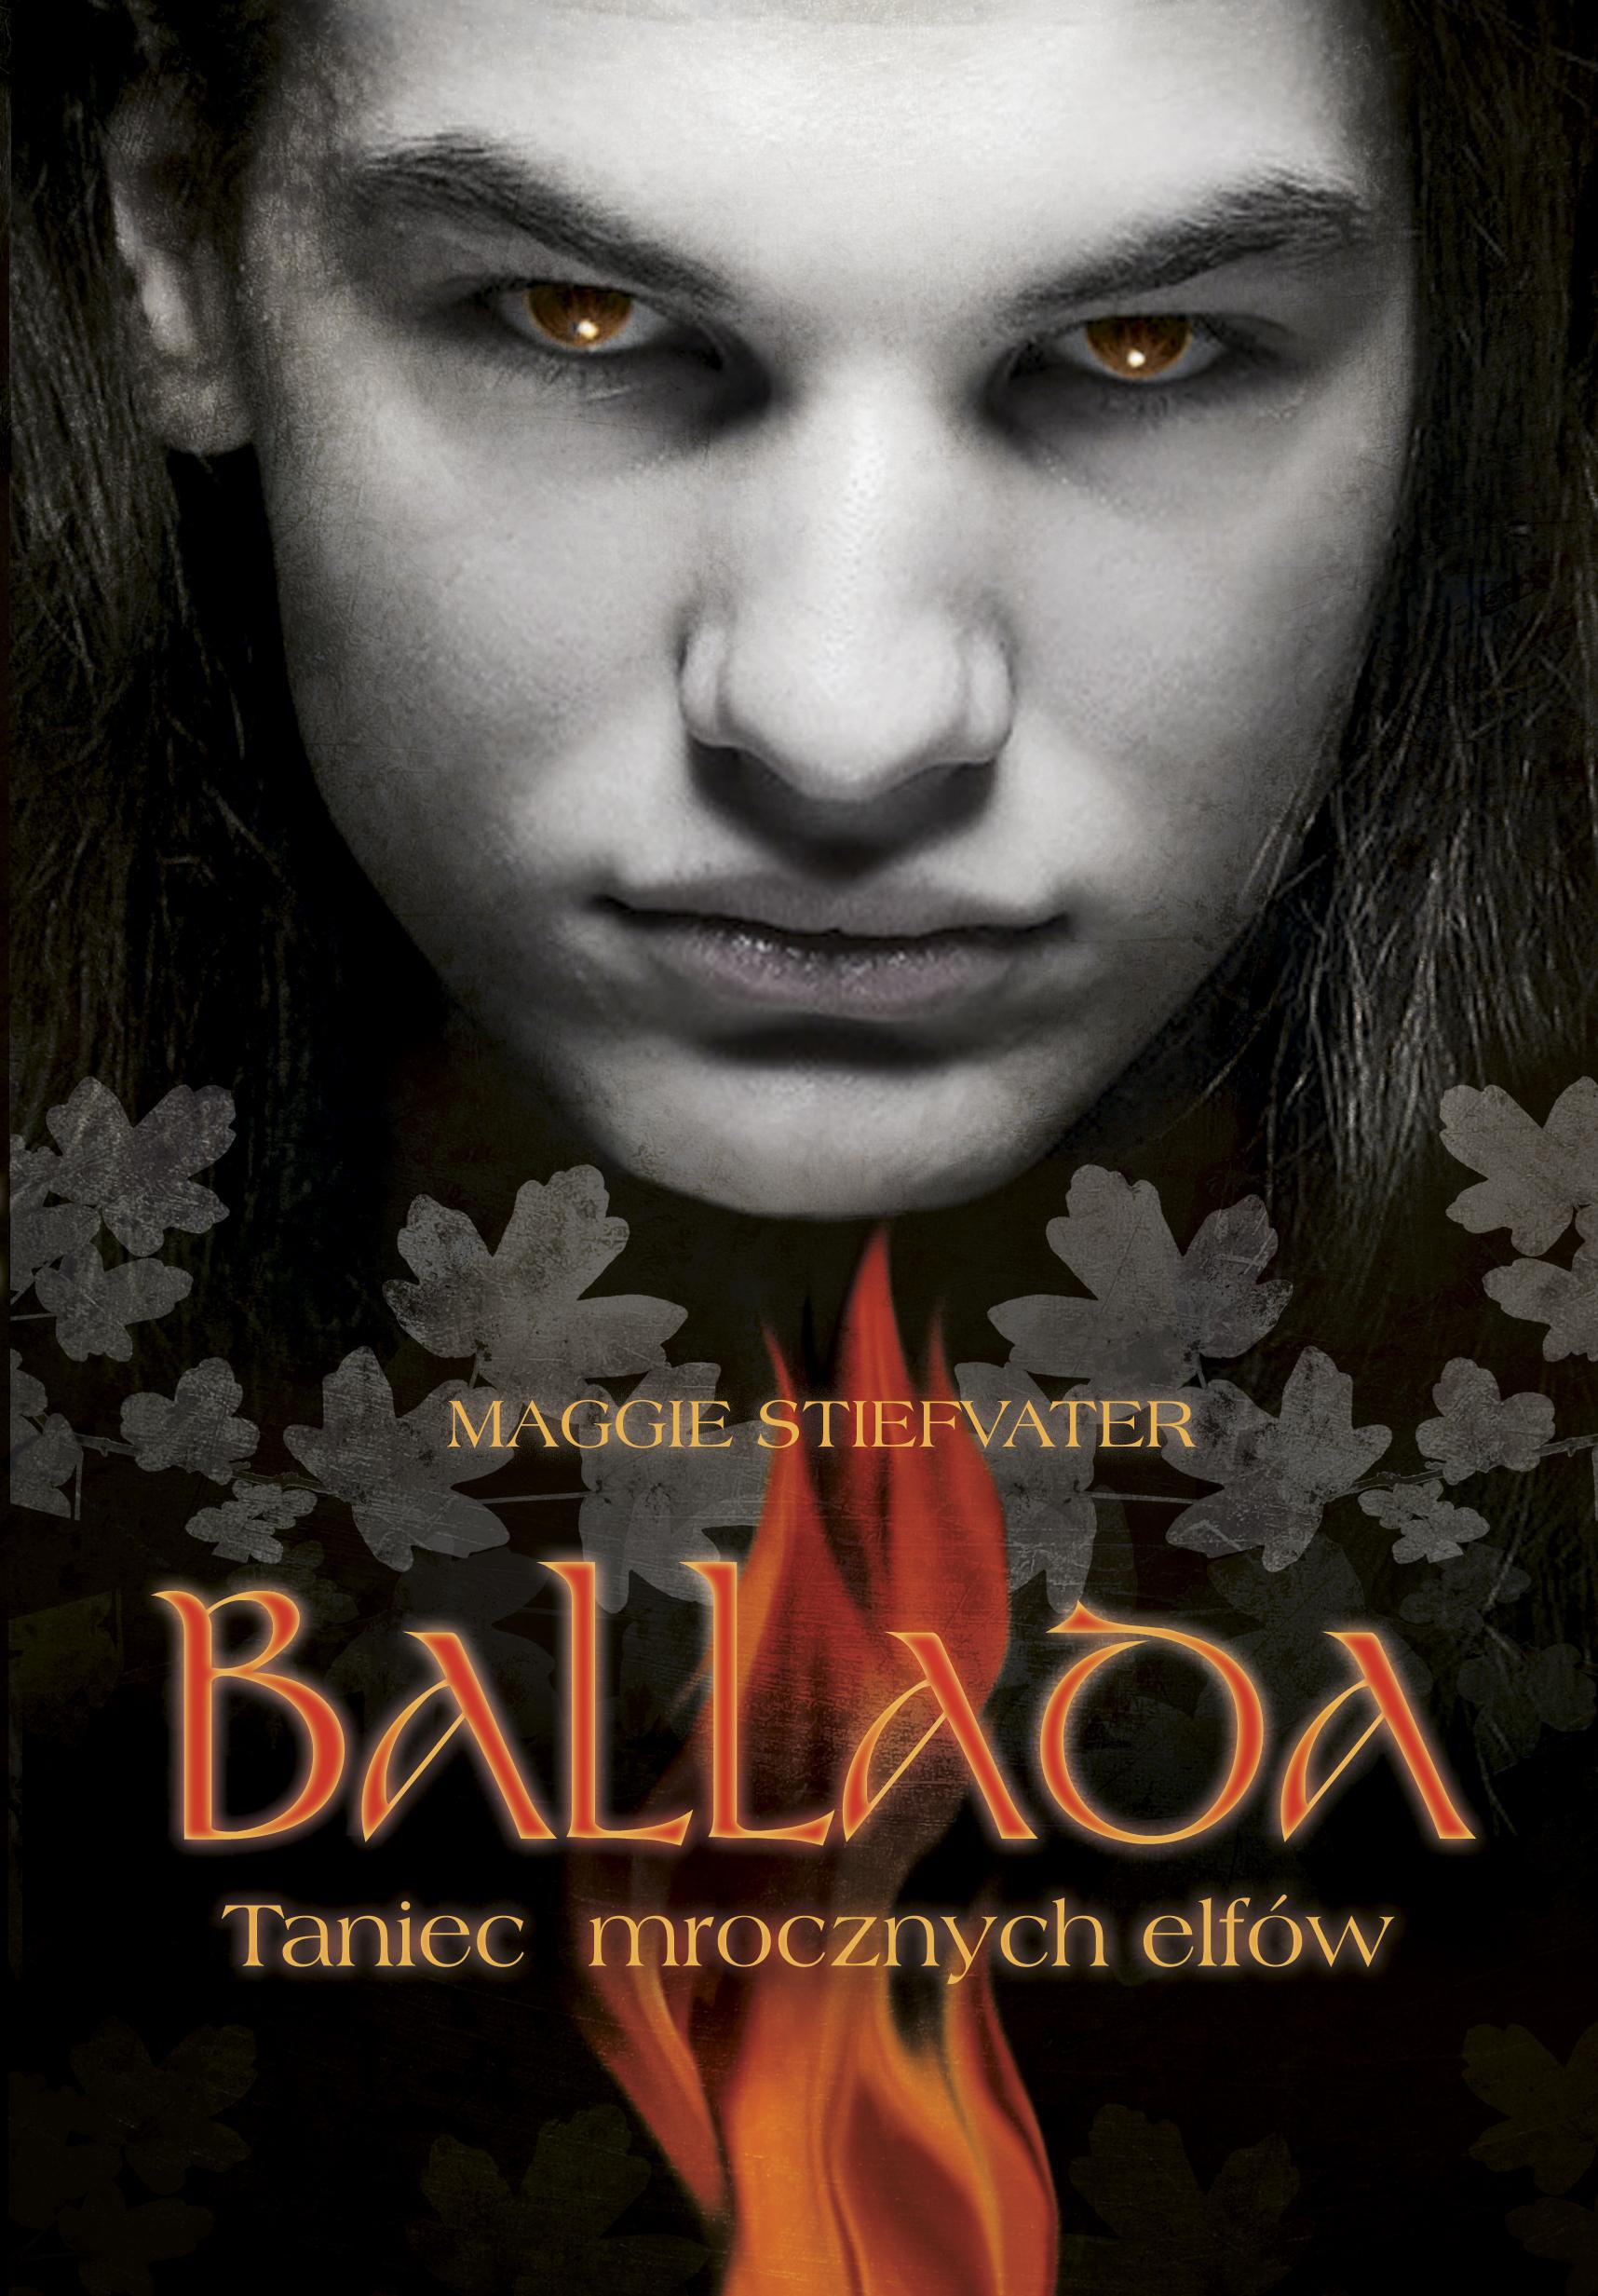 ballada_